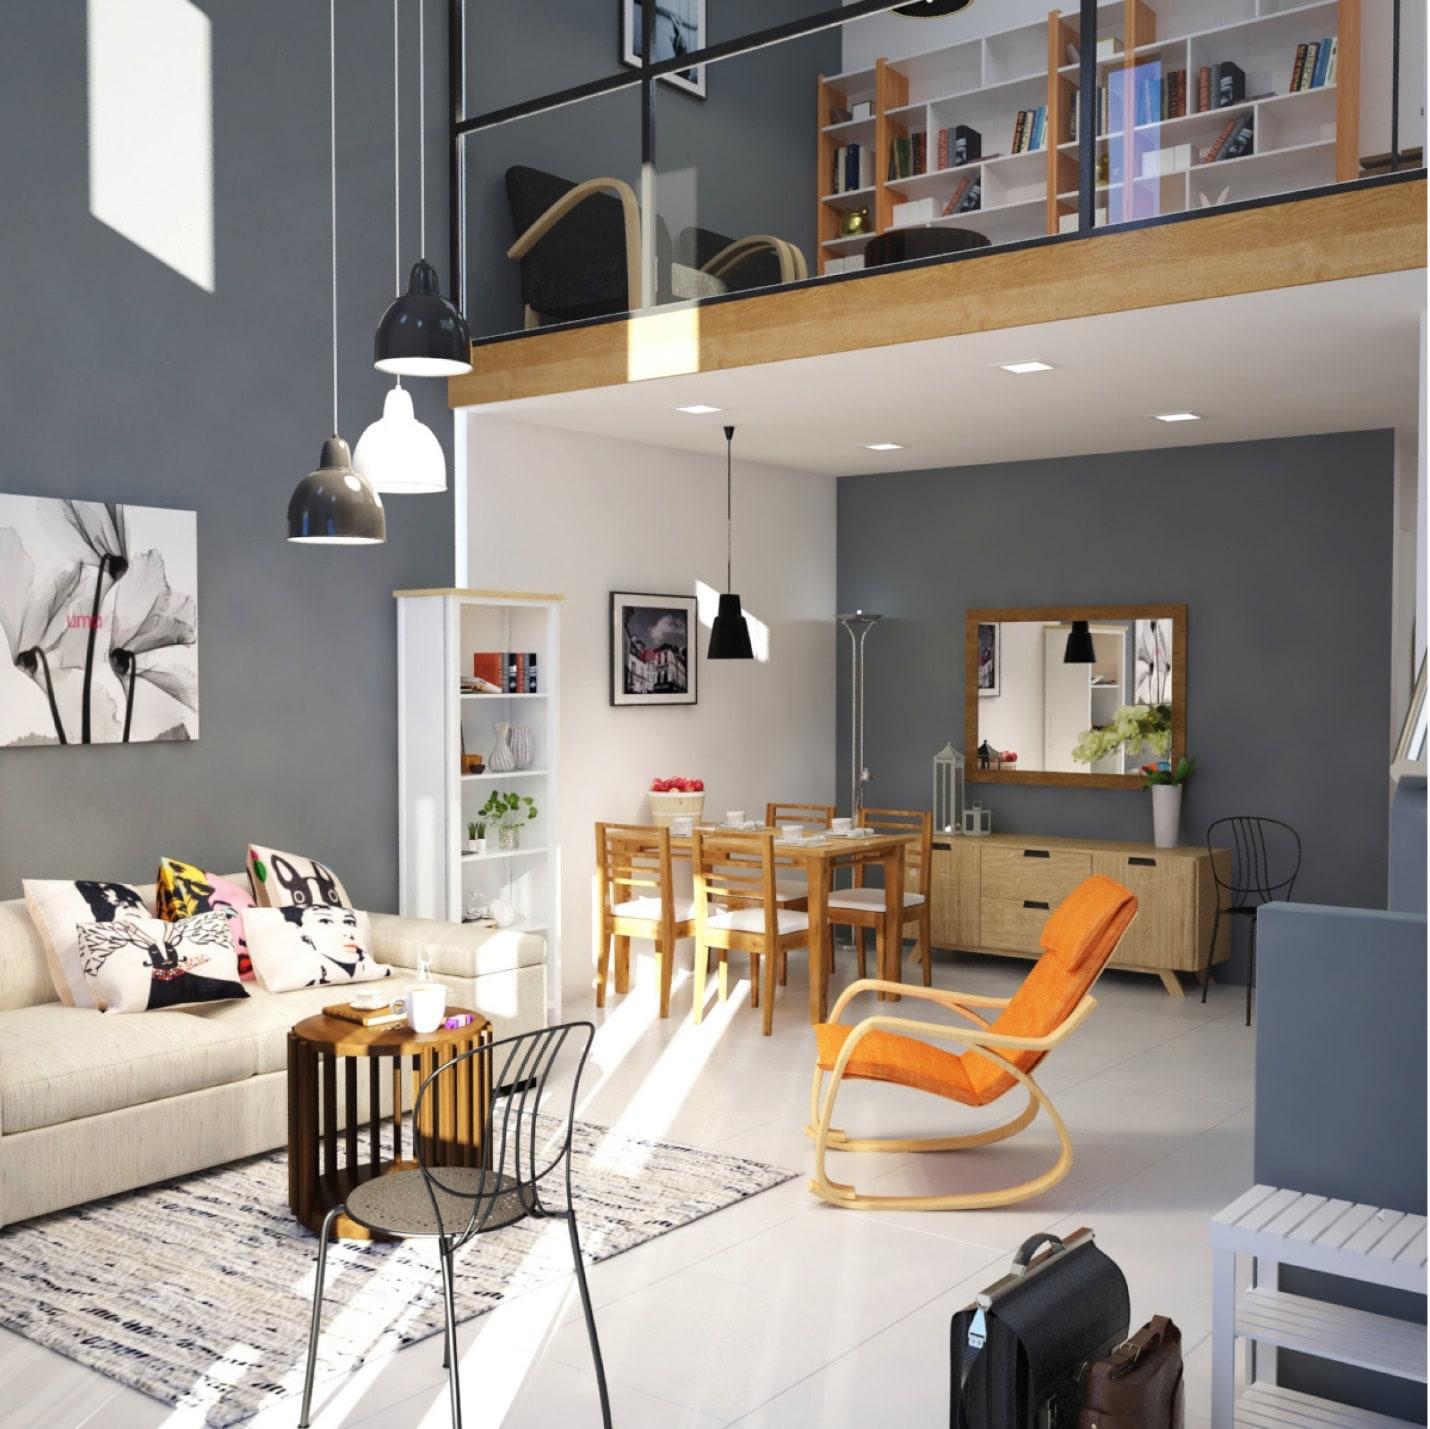 thiết kế nhà nhỏ đẹp đơn giản